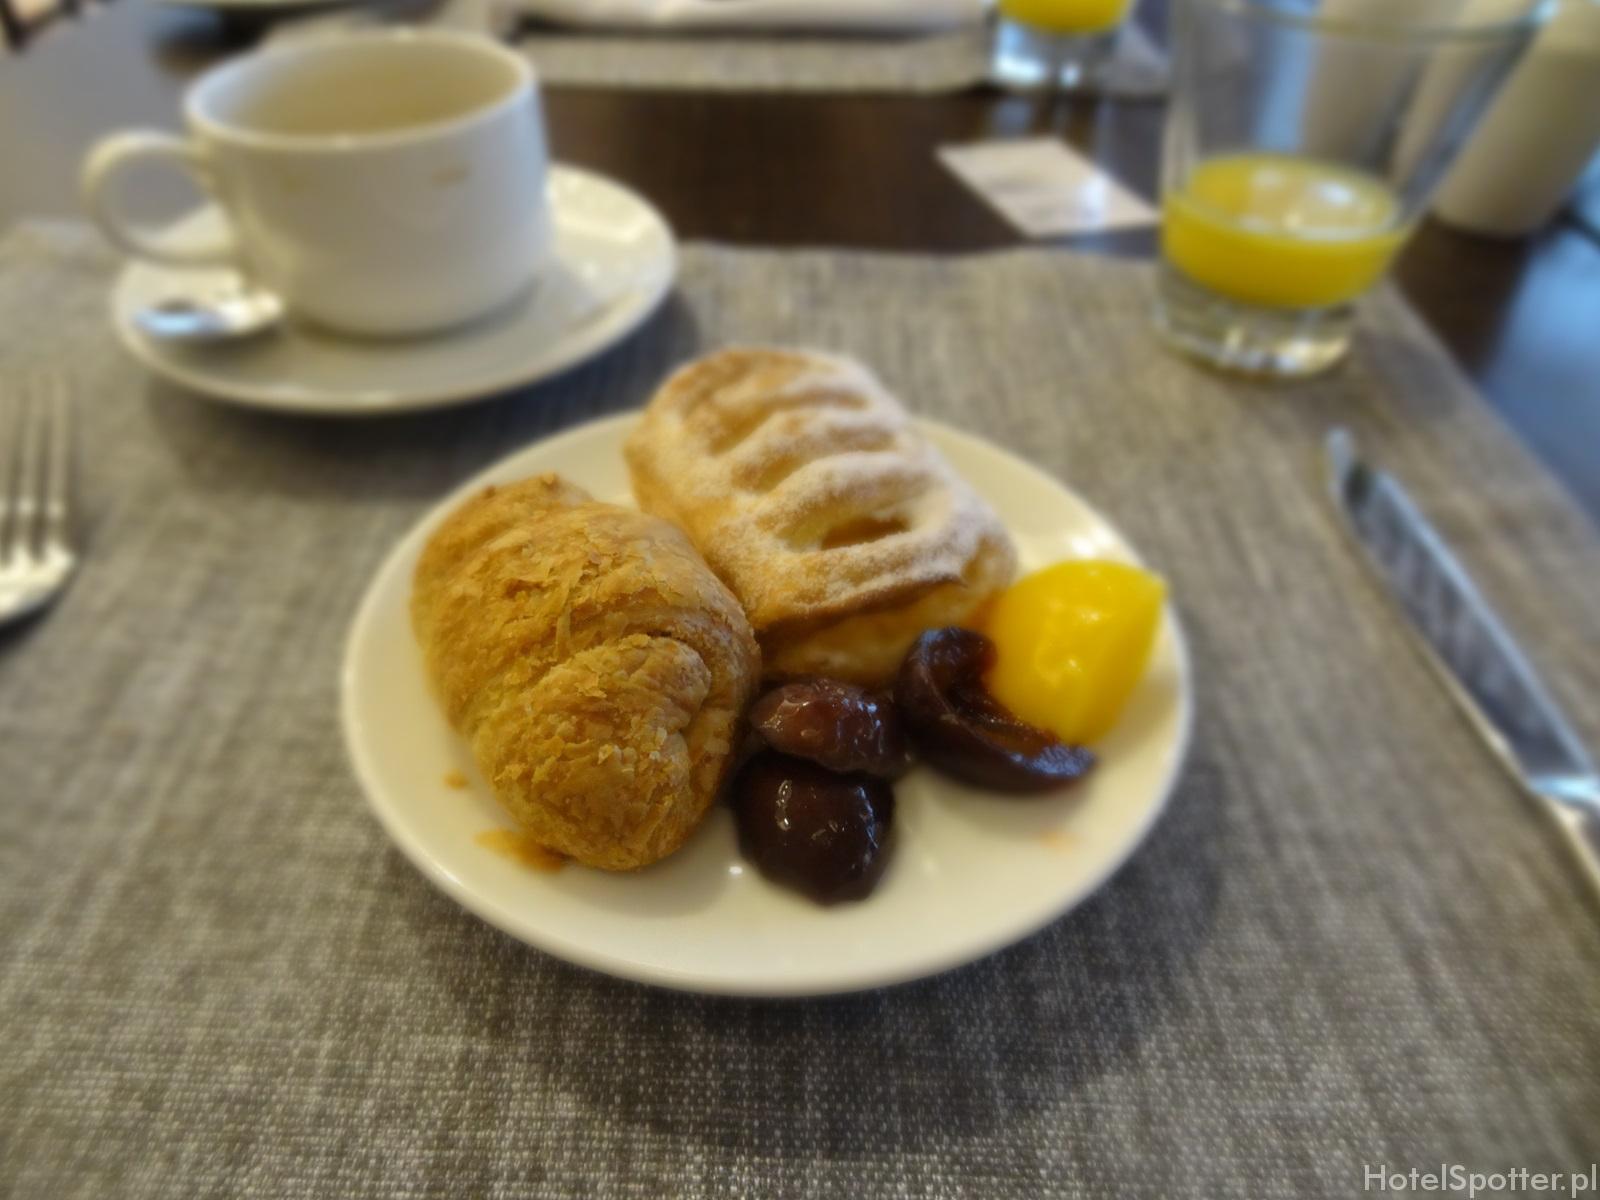 DoubleTree by Hilton Warsaw - slodkosci na sniadanie